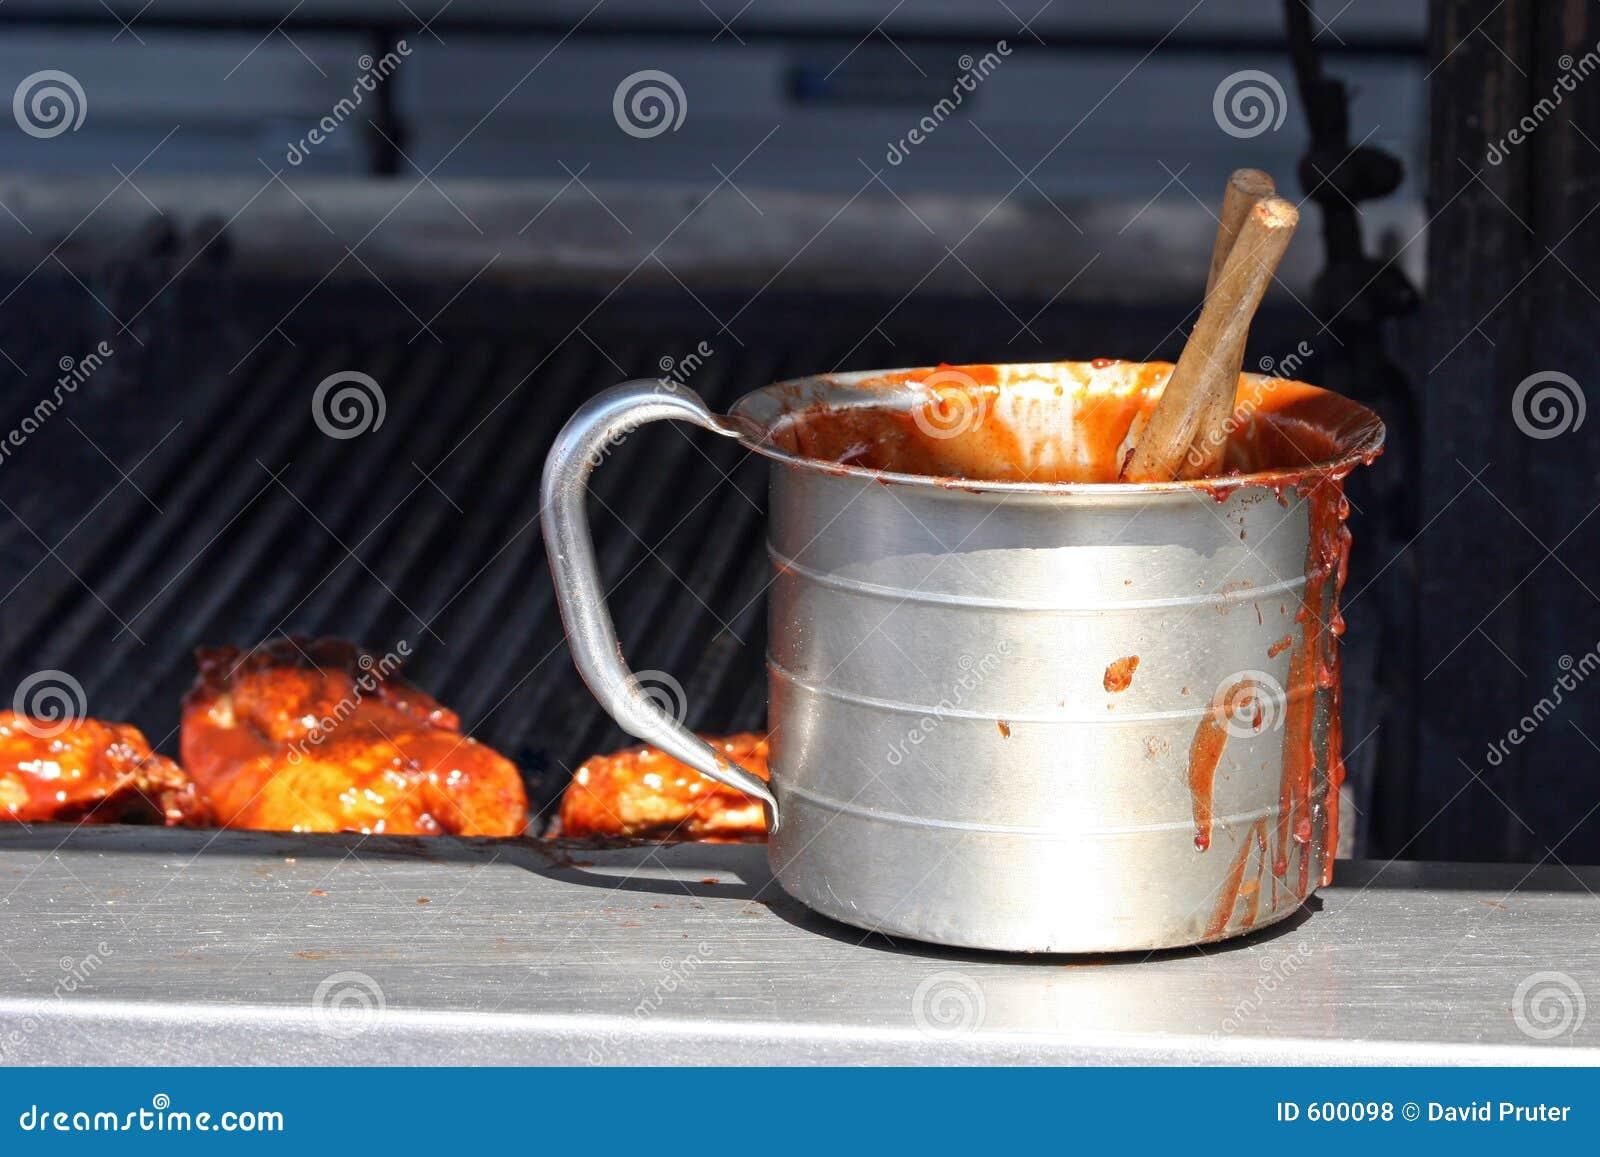 BBQ Saus